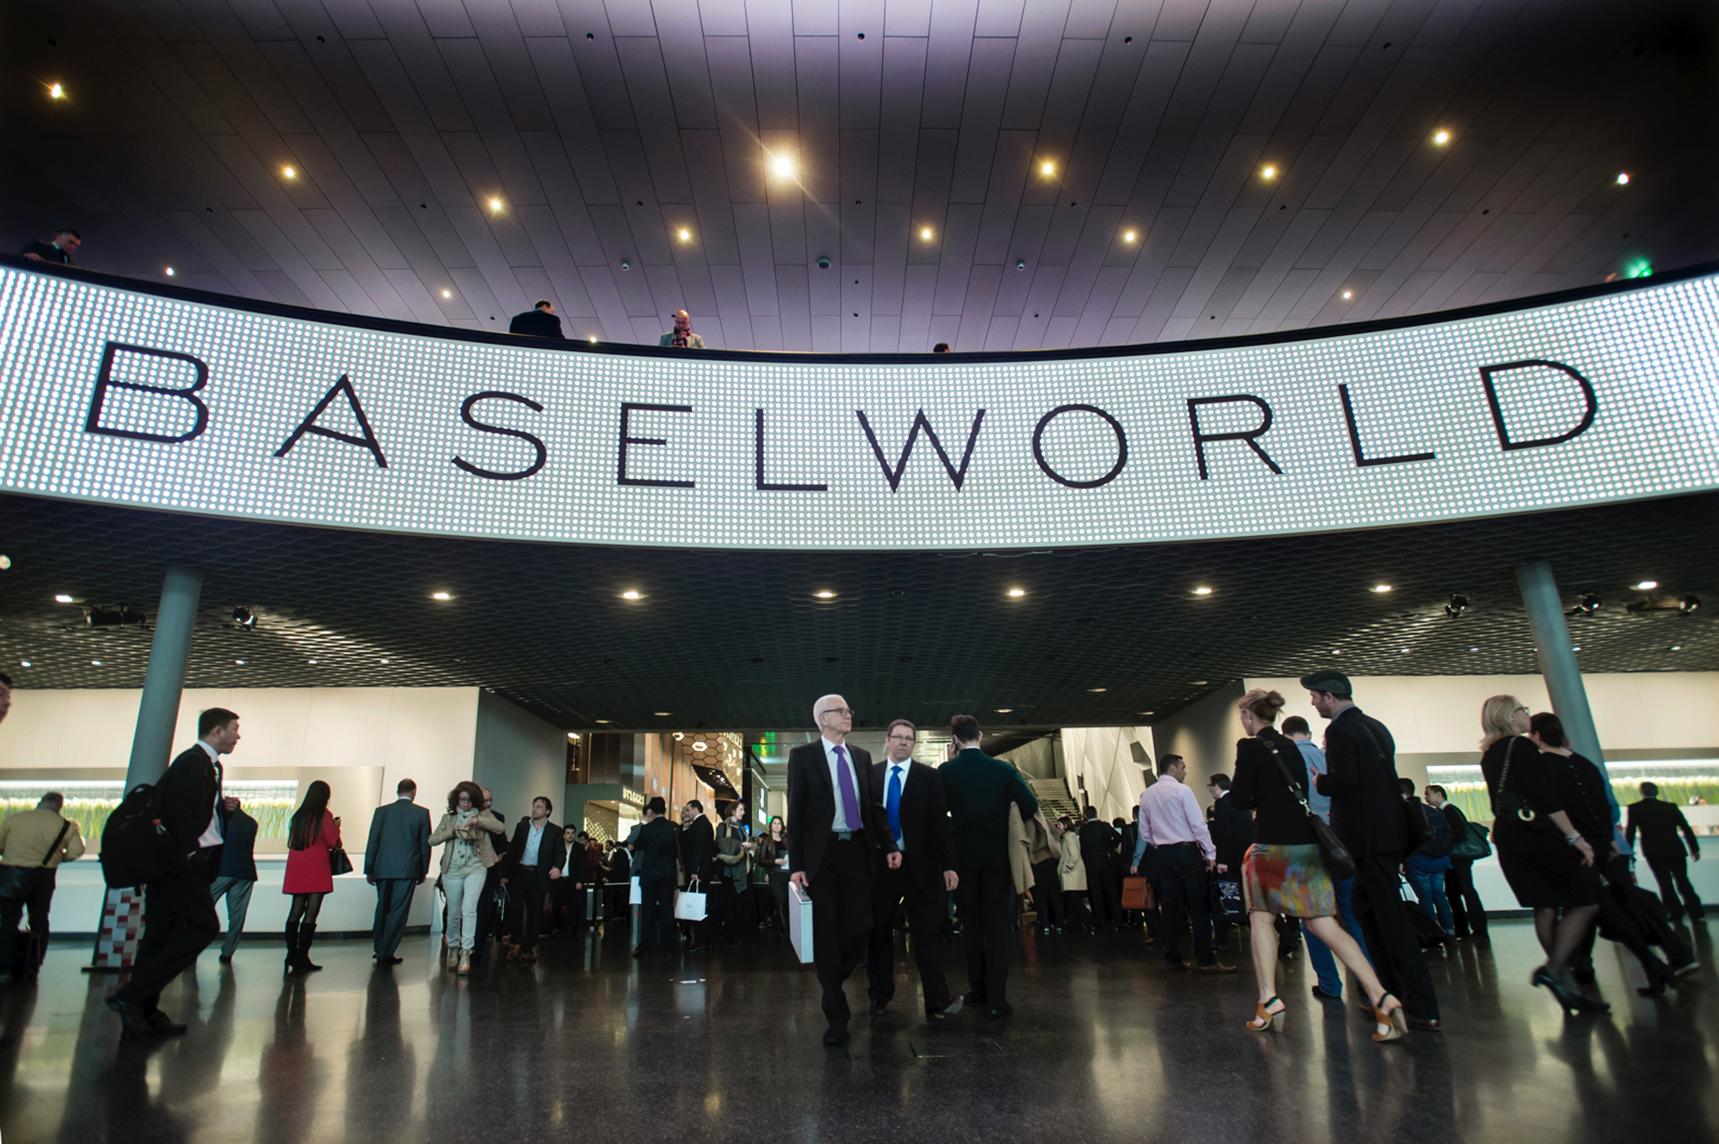 Baselworld-signage-thumb-1600×1065-24189